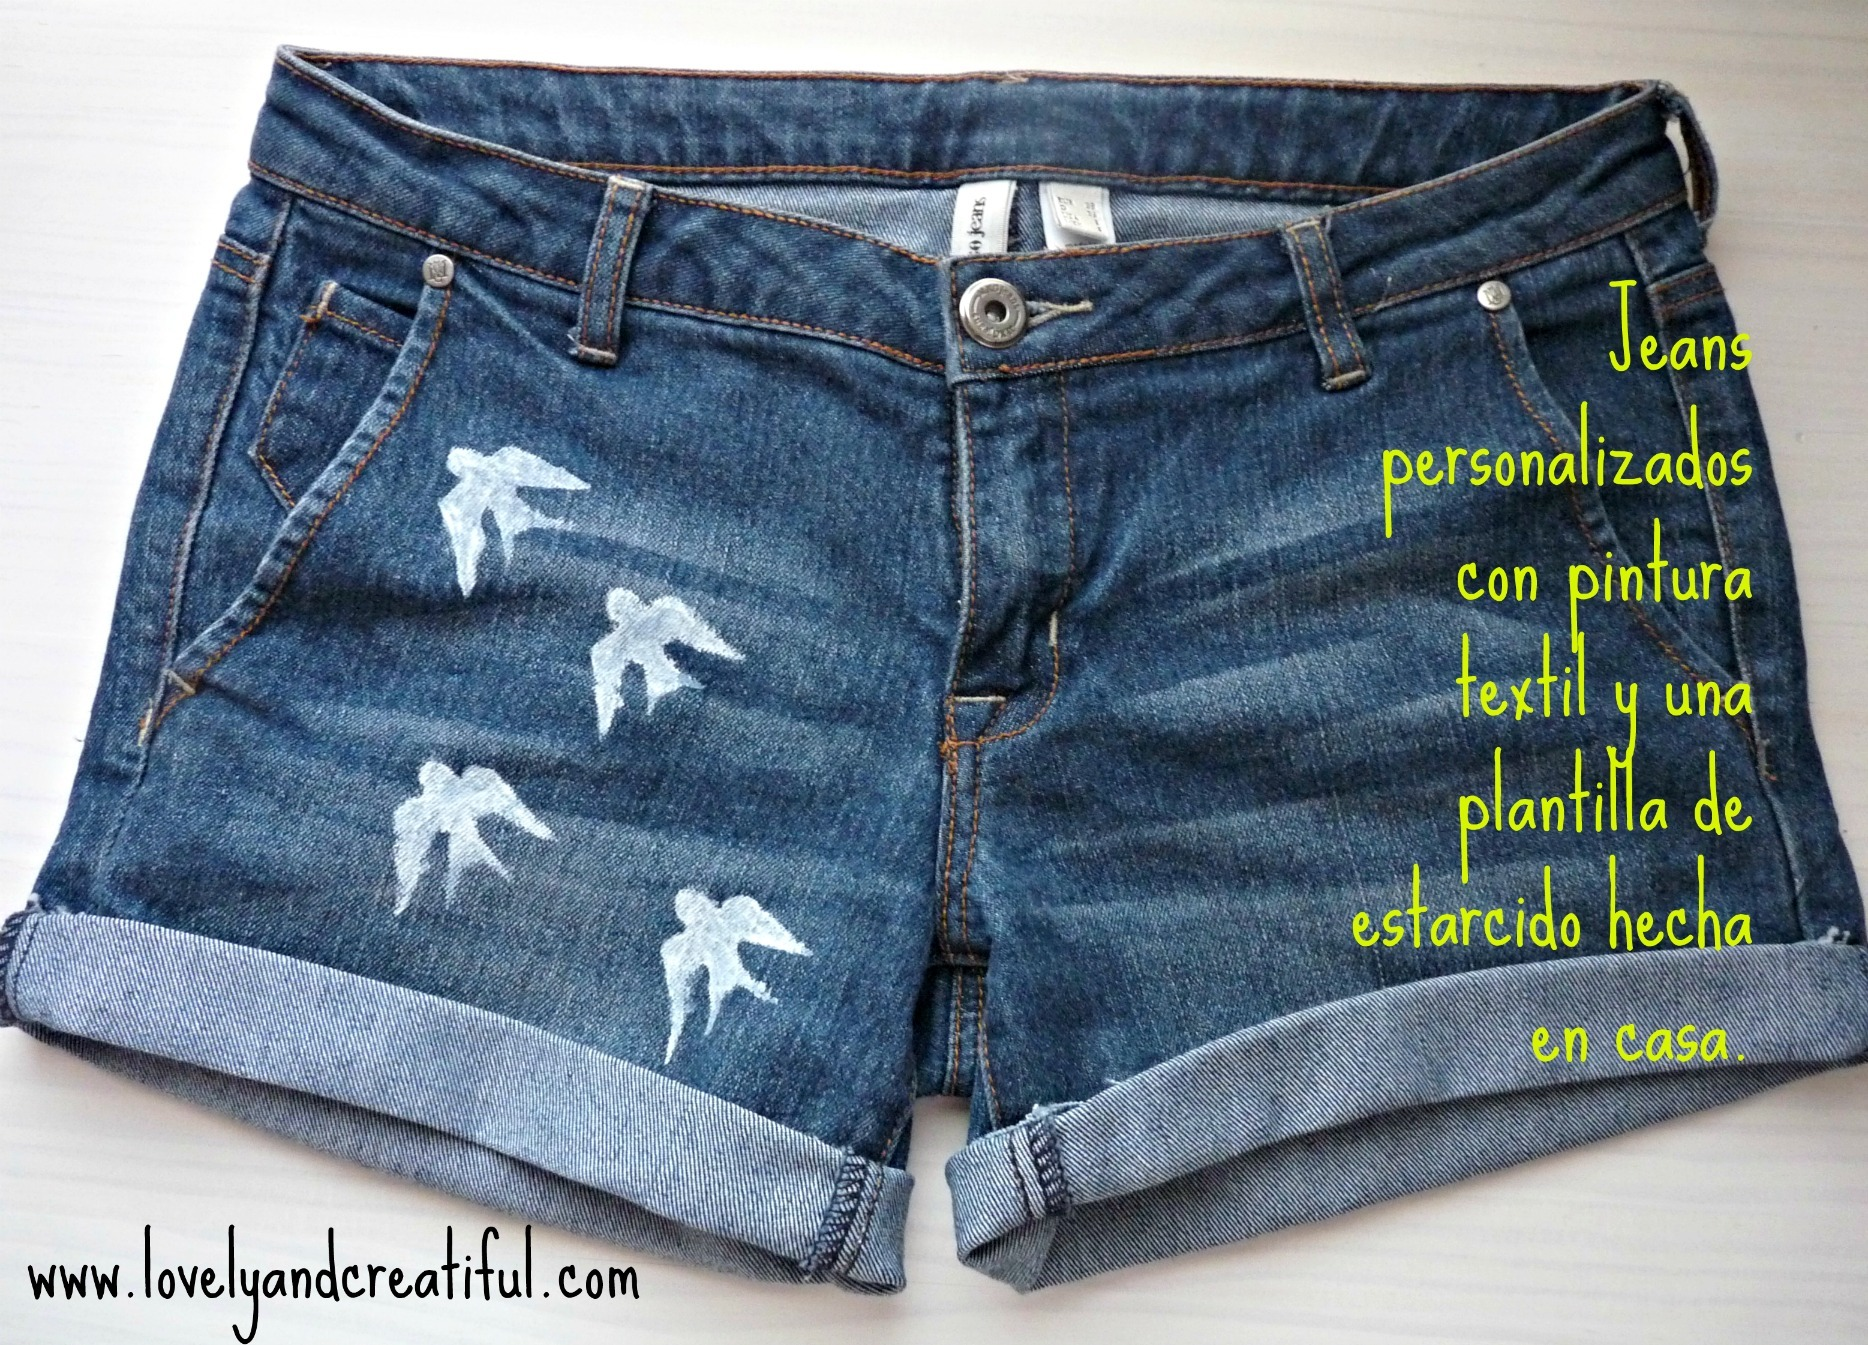 Idea Para Personalizar Unos Pantalones Vaqueros Con Pintura Textil Lovely And Creatiful